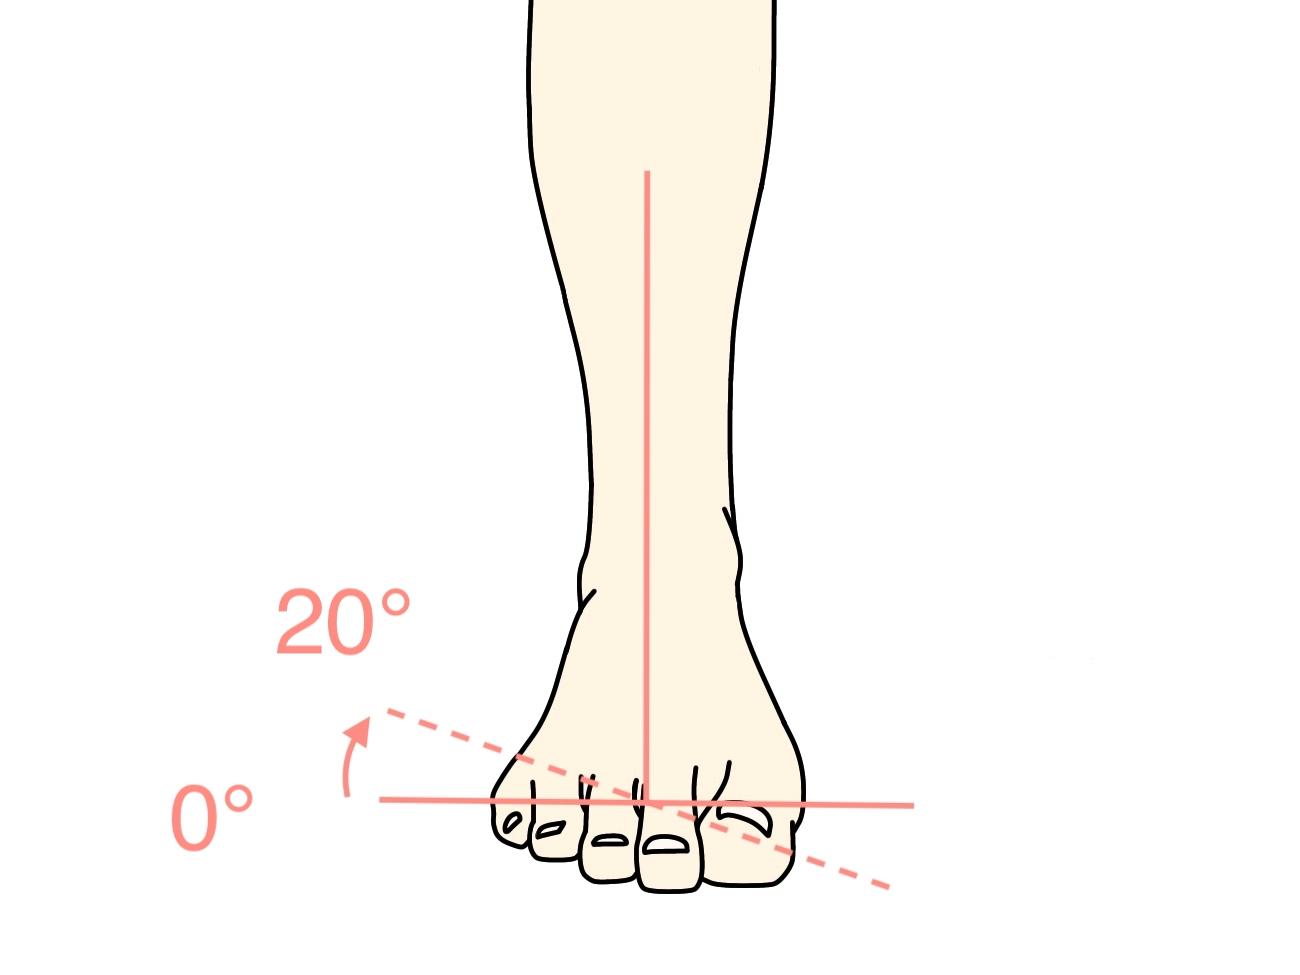 足の底を外側に向ける動作(足の外反)の関節可動域(ROM)と働く筋肉のまとめ